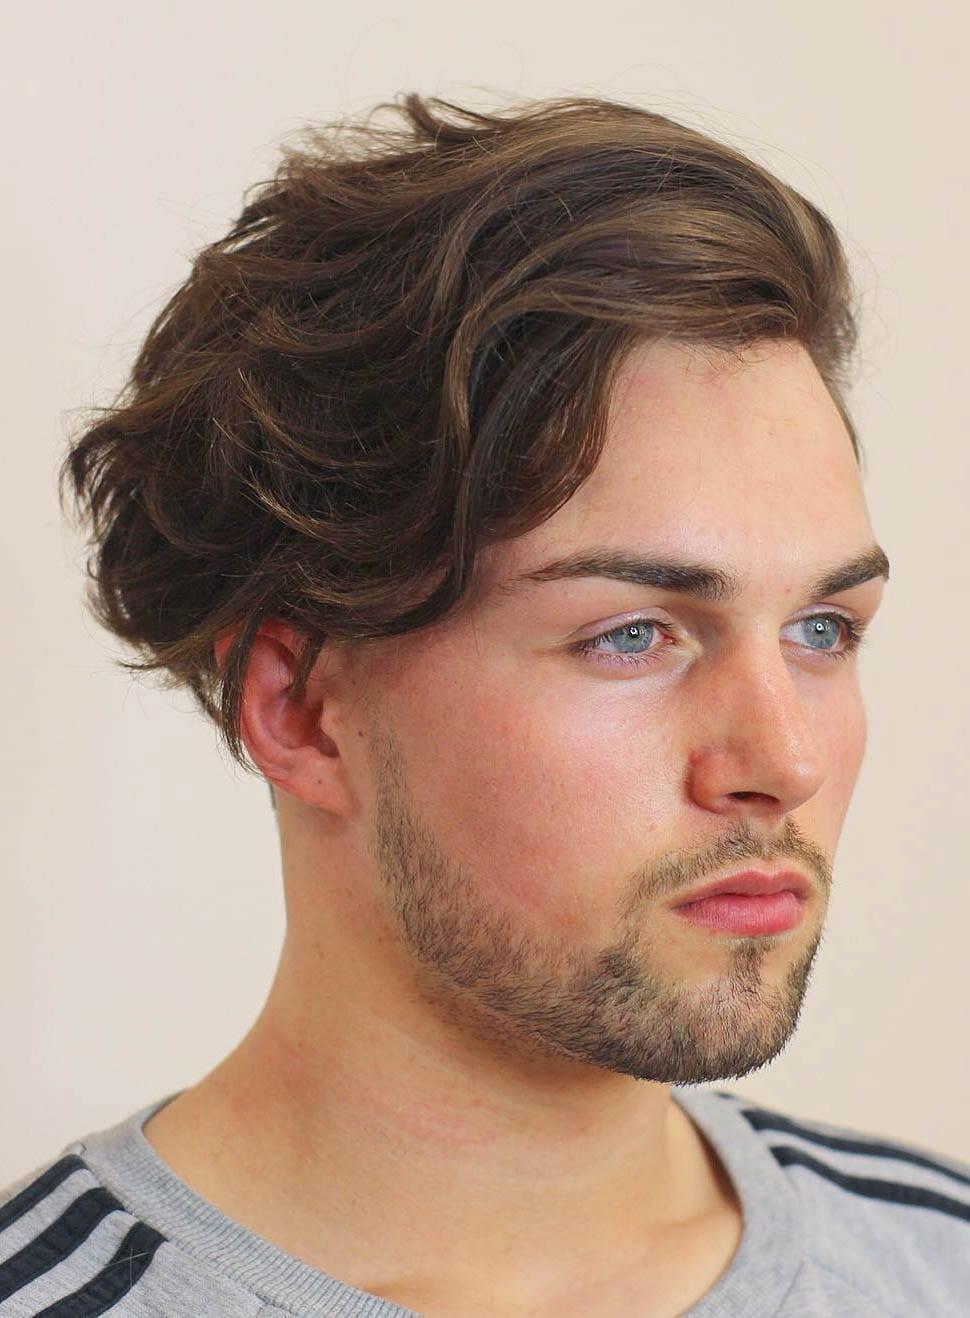 Độc đáo với kiểu tóc mái dài uốn phồng nhẹ